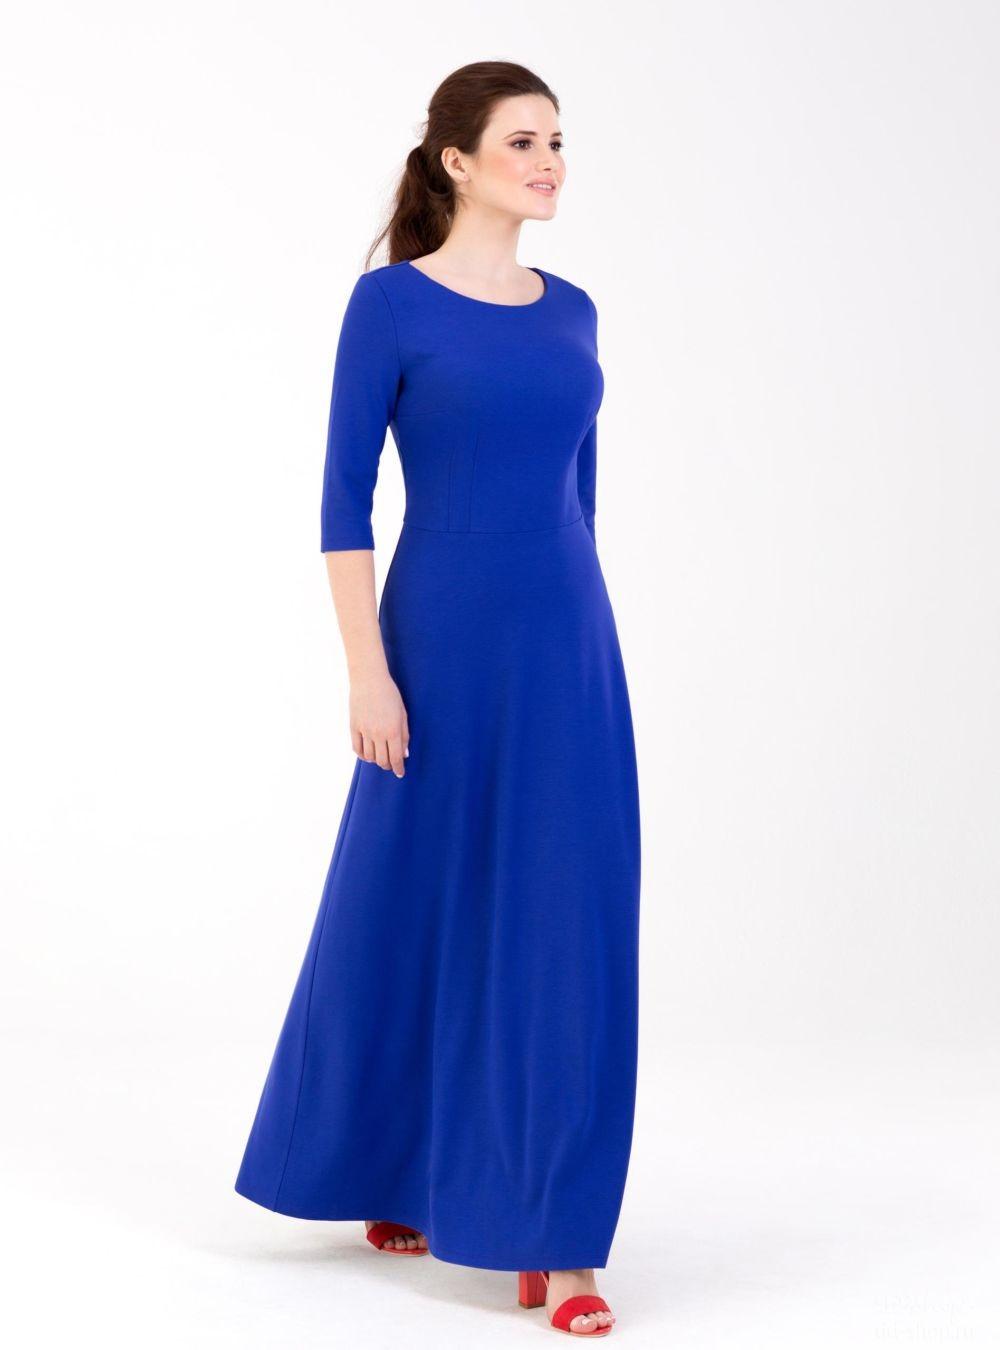 с чем сочетается синий цвет: ультрамариновое платье